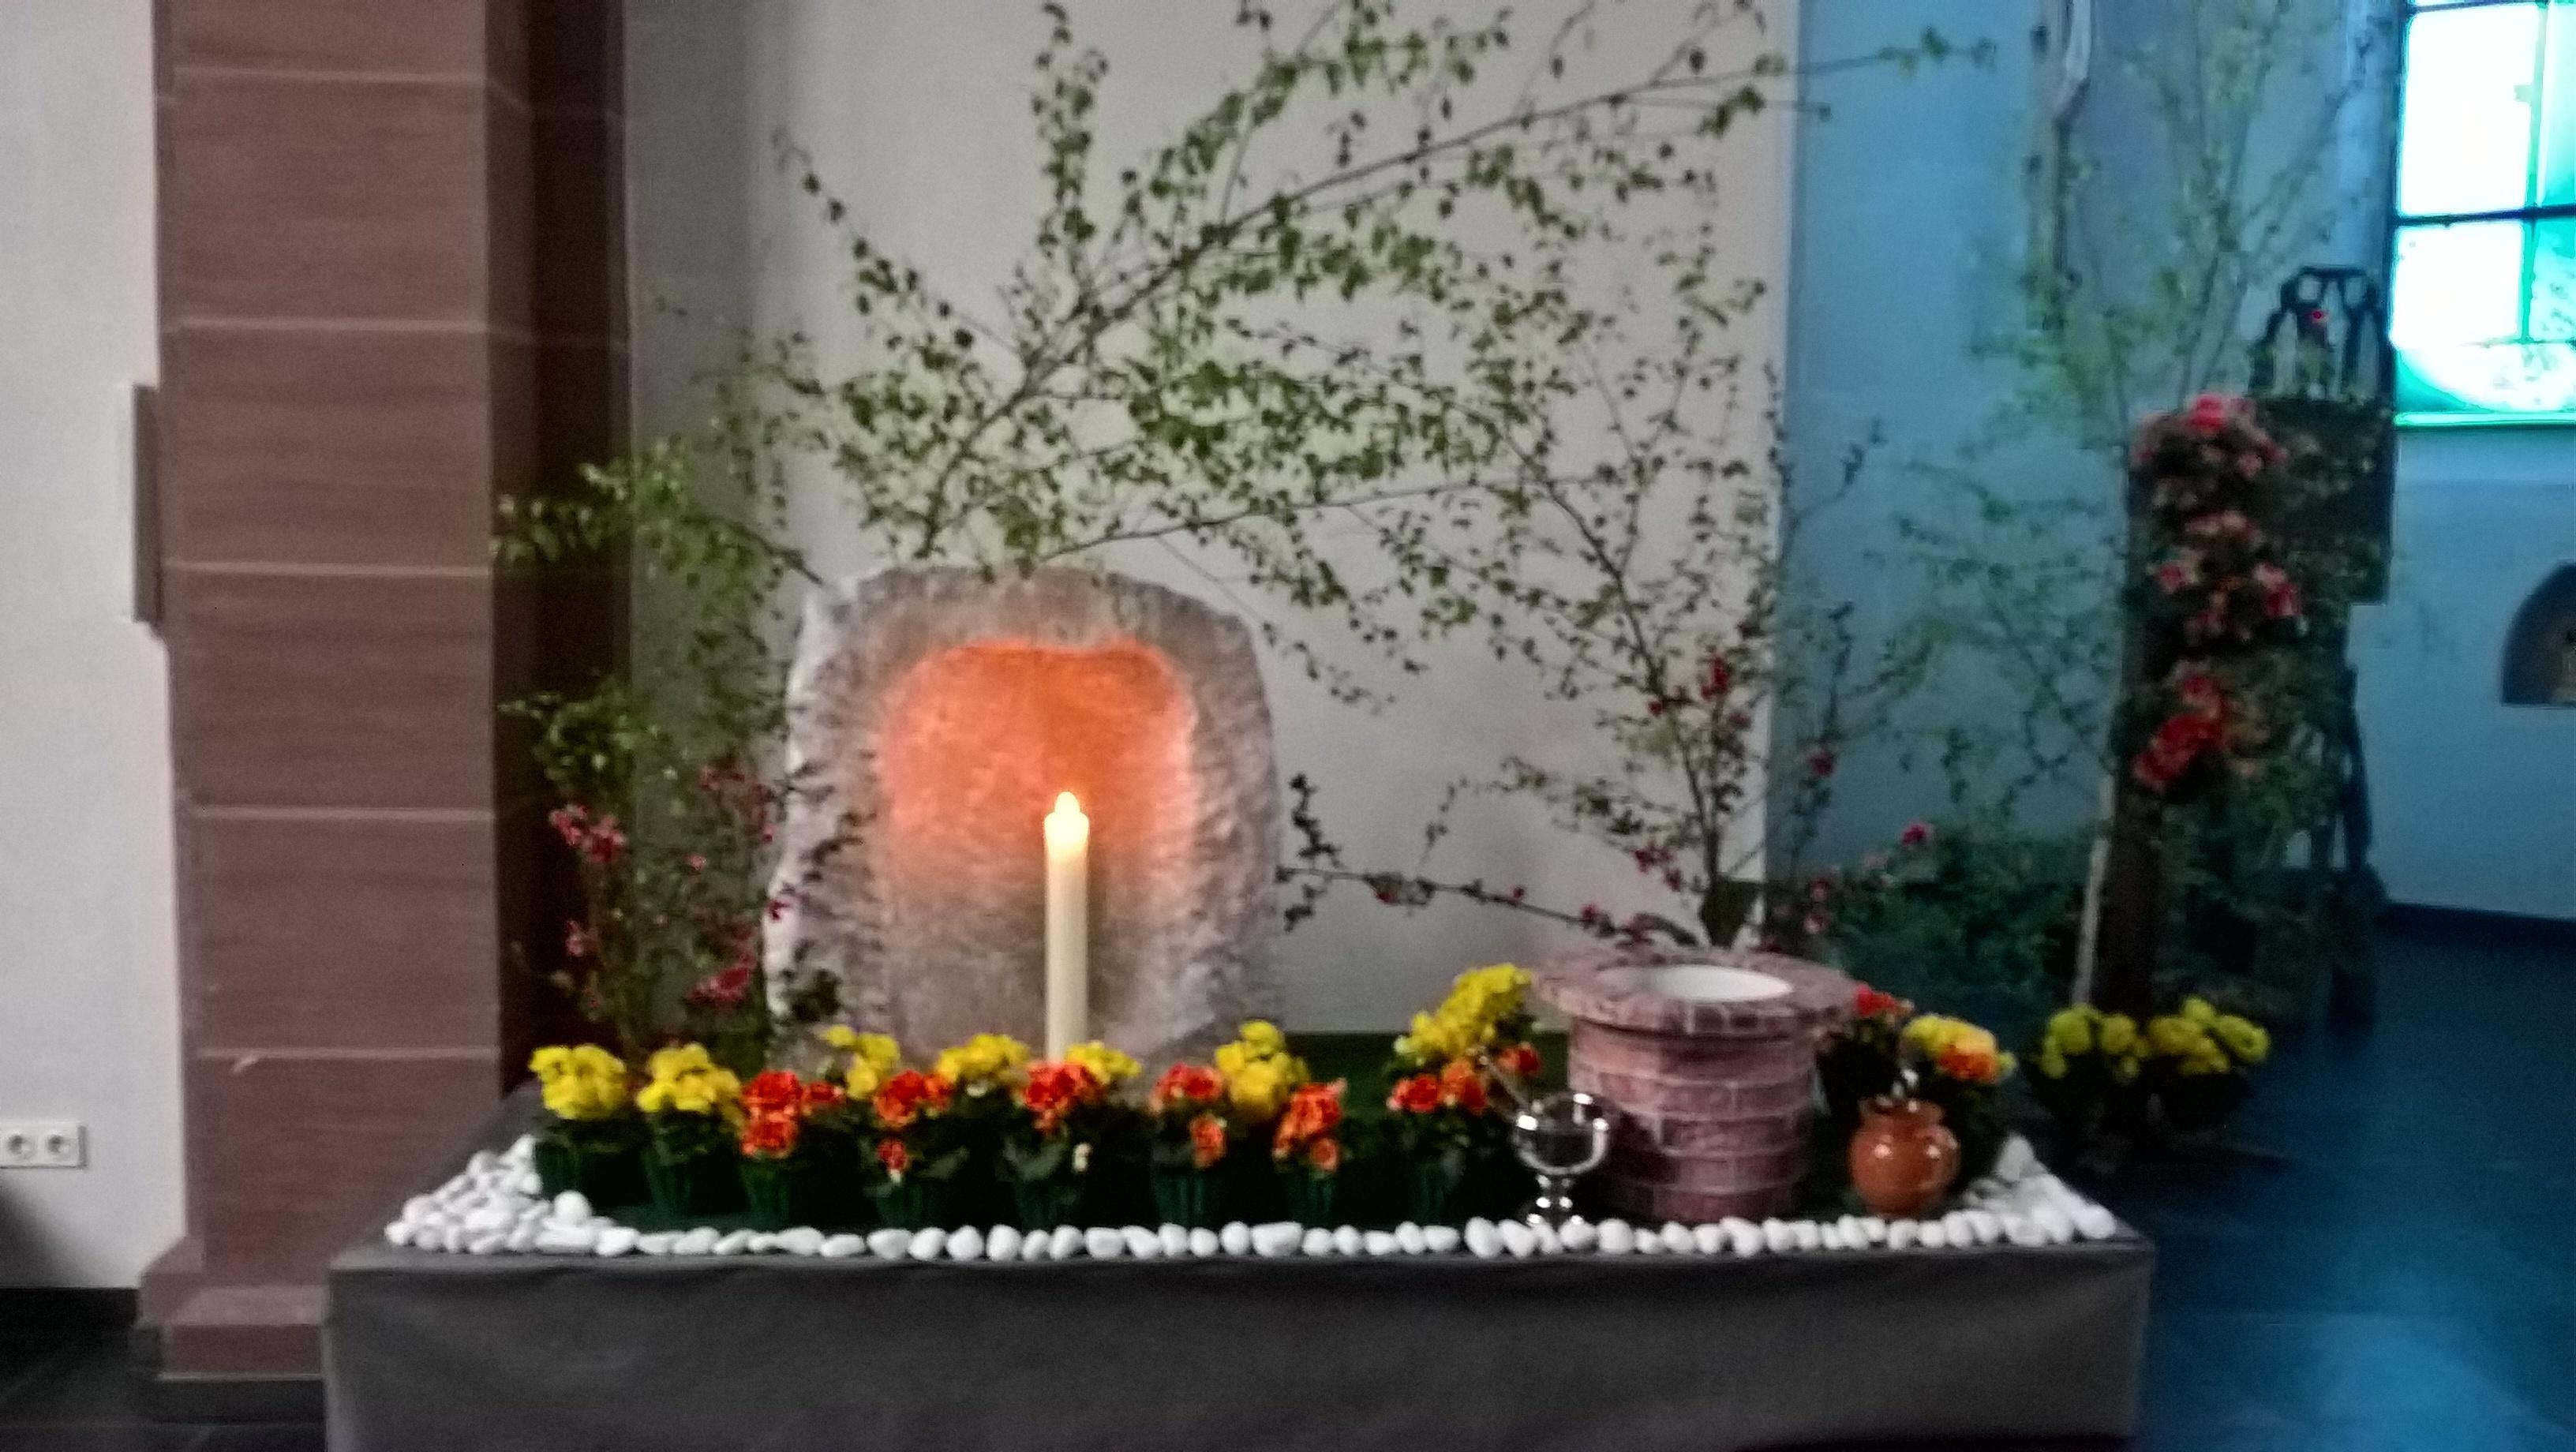 Vor einer hellen Holle aus Stein brennt eine Kerze!